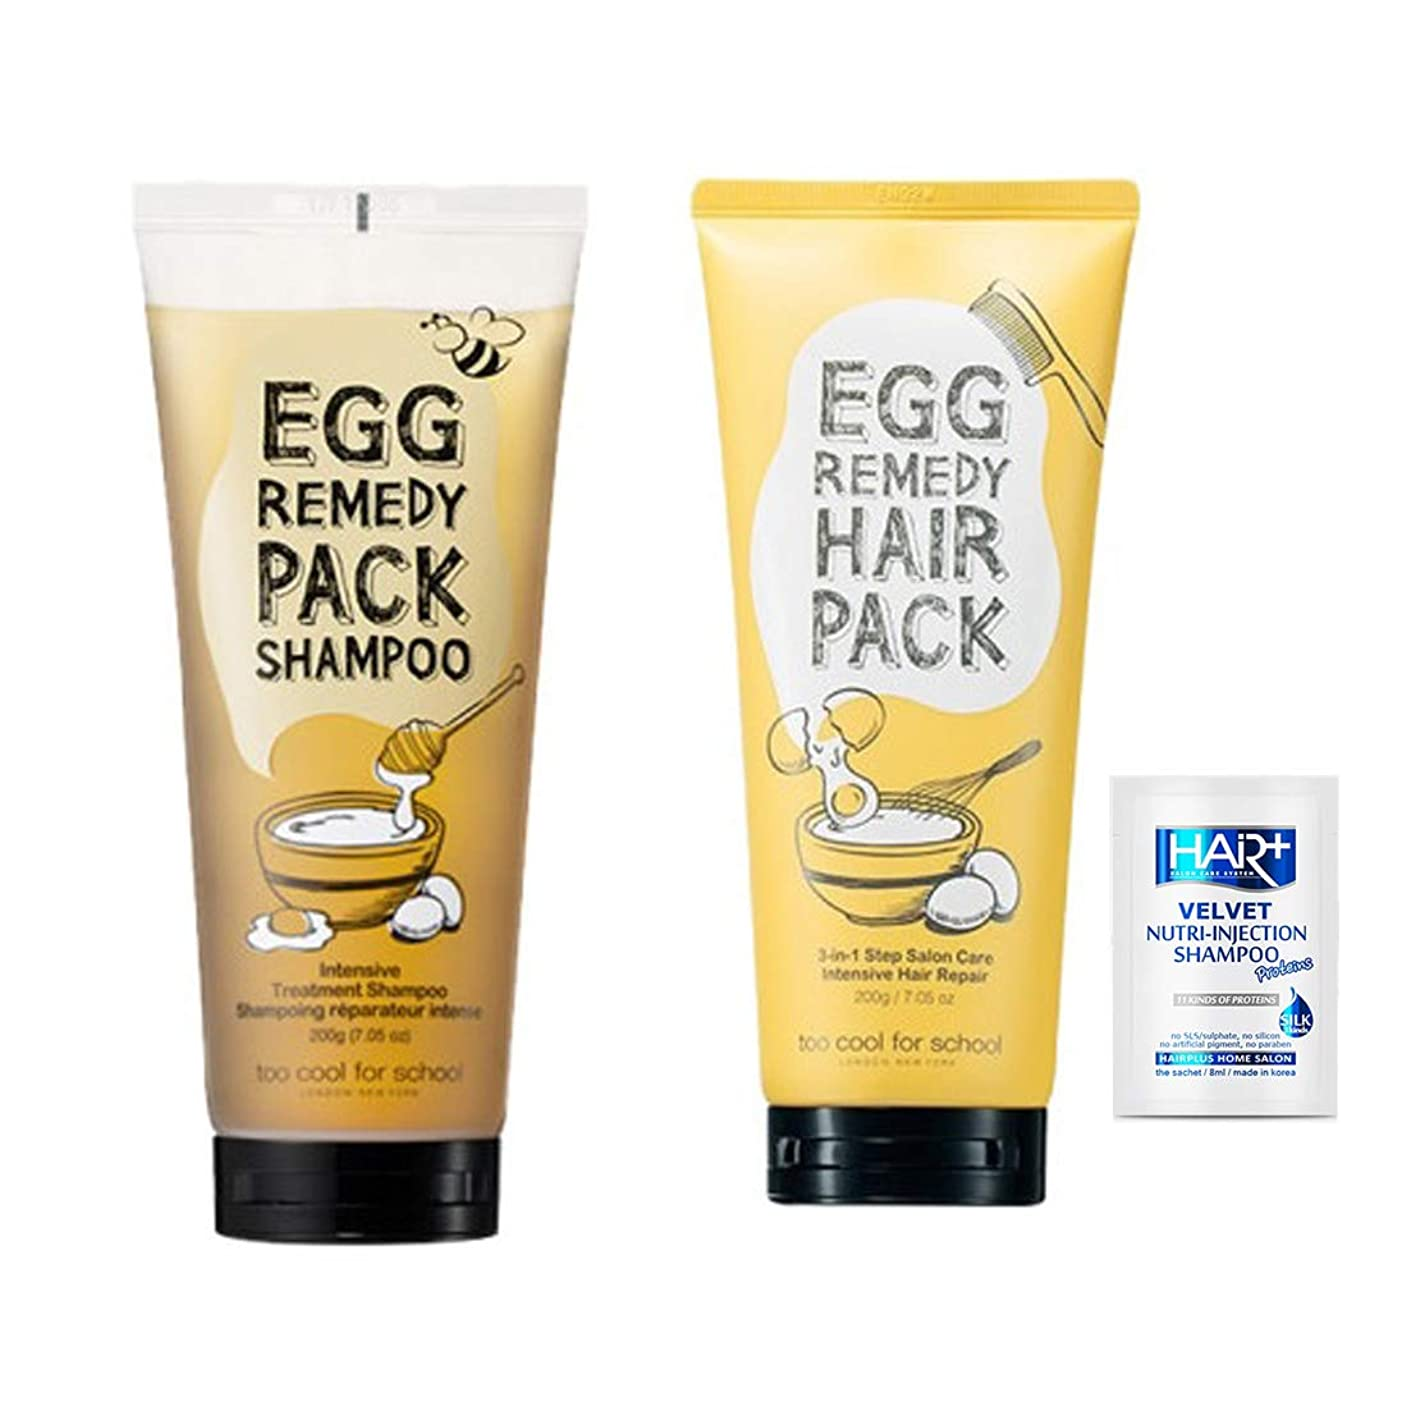 ロケット代表して刺しますトゥークールフォ―スクール(too cool for school)/エッグレミディパックシャンプーtoo cool for school Egg Remedy Pack Shampoo 200ml + エッグレミディヘアパック/too cool for school Egg Remedy Hair Pack 200ML [並行輸入品]+non silicon shampoo 8ml